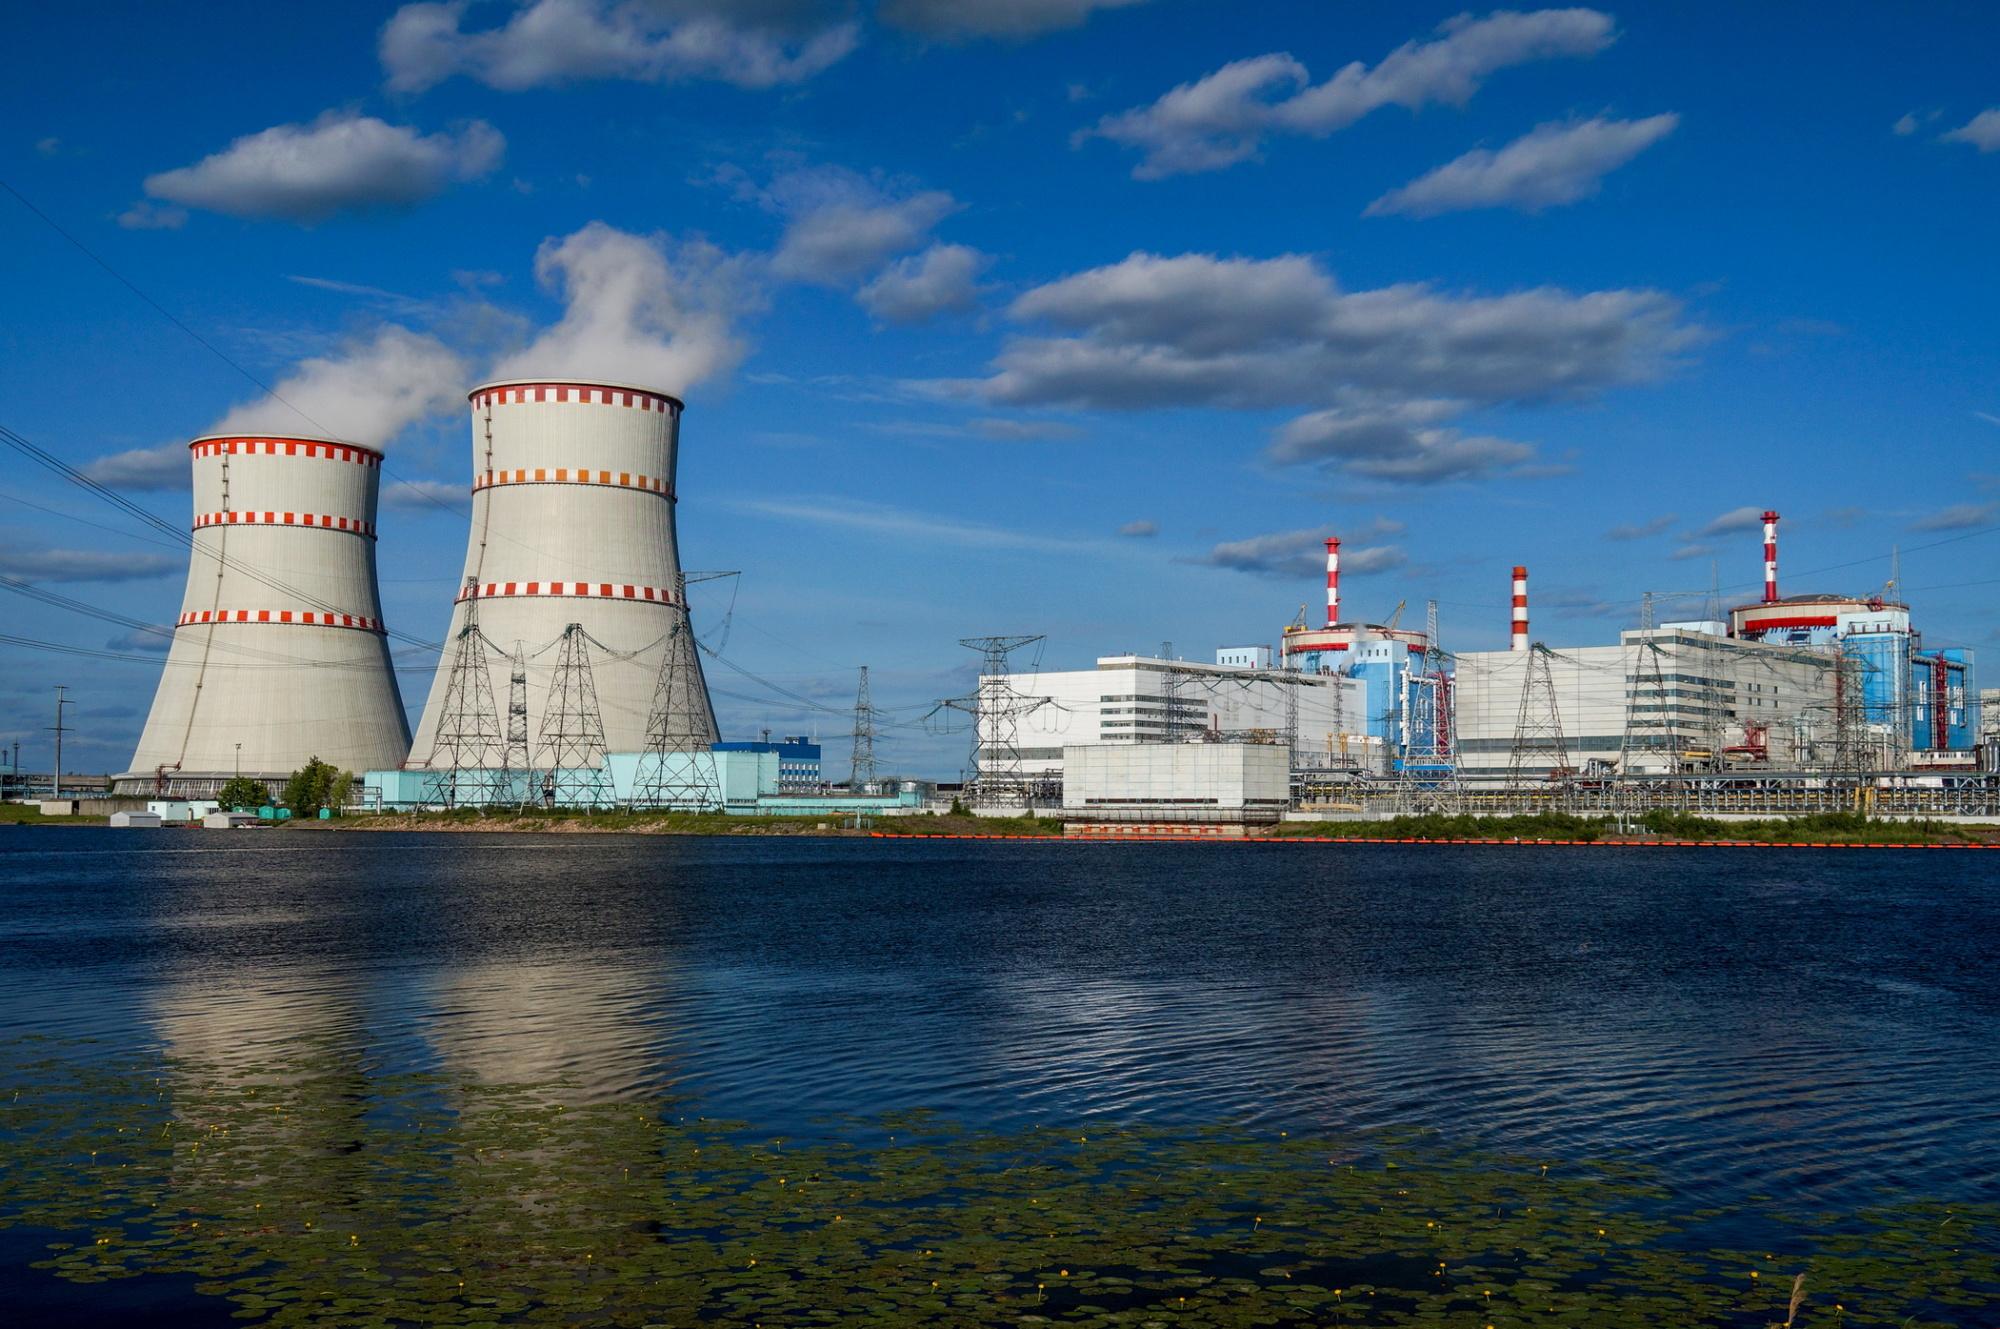 Жители 25 атомных городов поздравят друг друга с 75-летием отрасли в прямом эфире - новости Афанасий